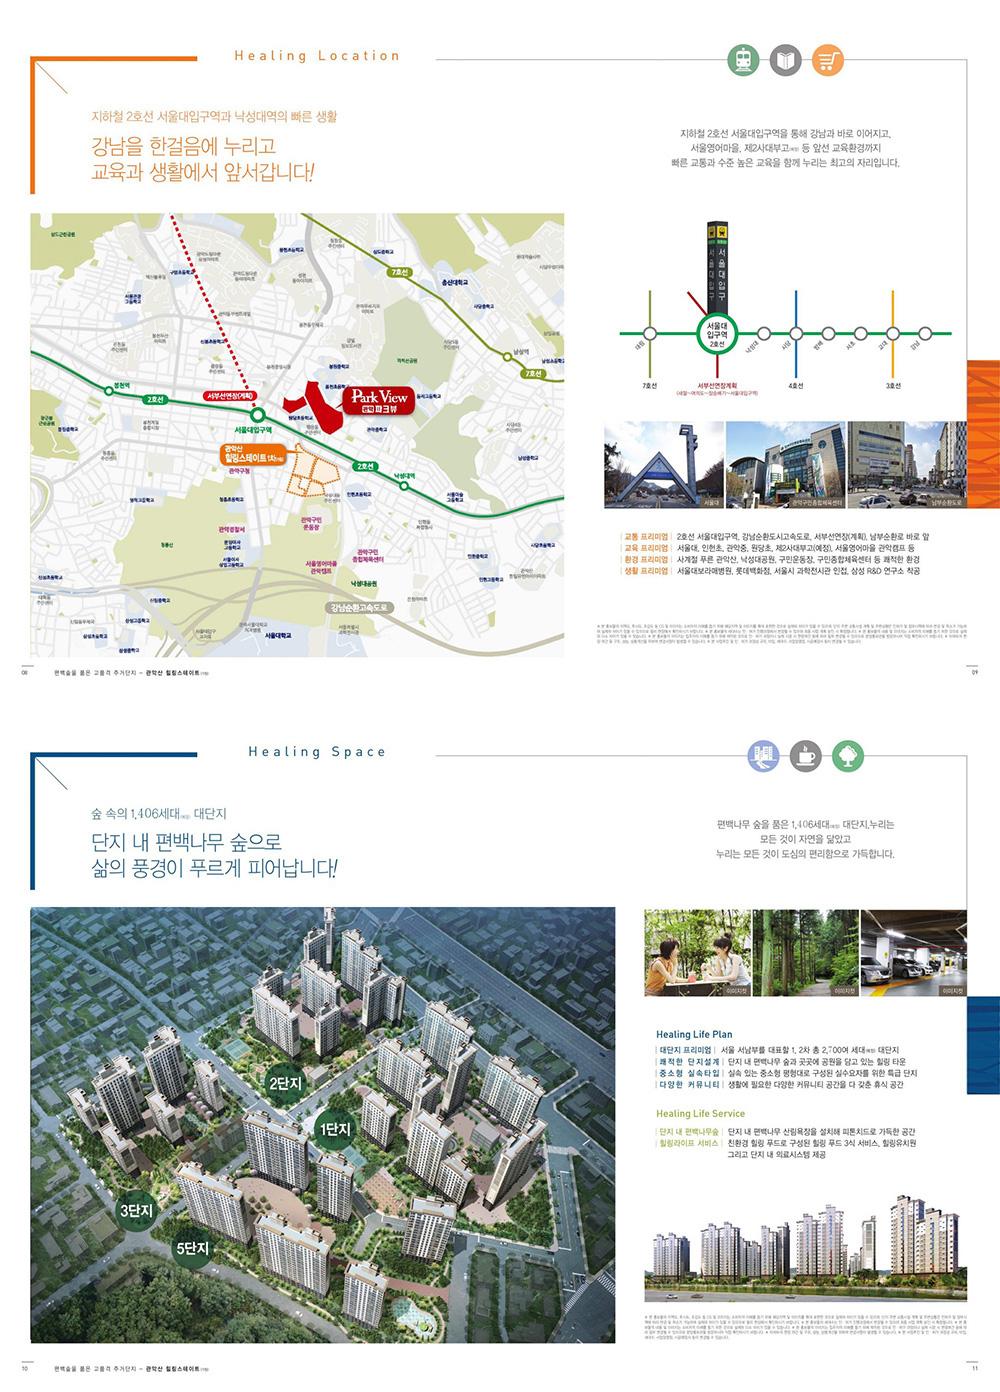 서울대입구역 파크로얄 파크뷰 프리미엄